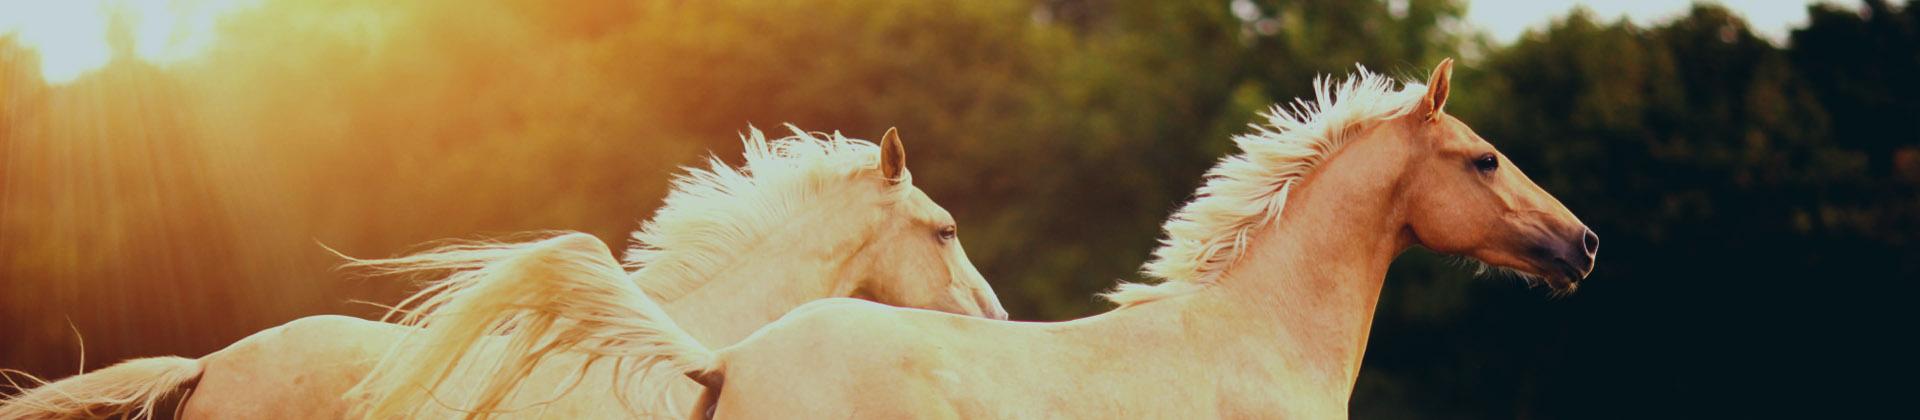 Állatgyógyászati termékeket, táplálékkiegészítőket, ápolószereket forgalmazunk állatorvosok számára.